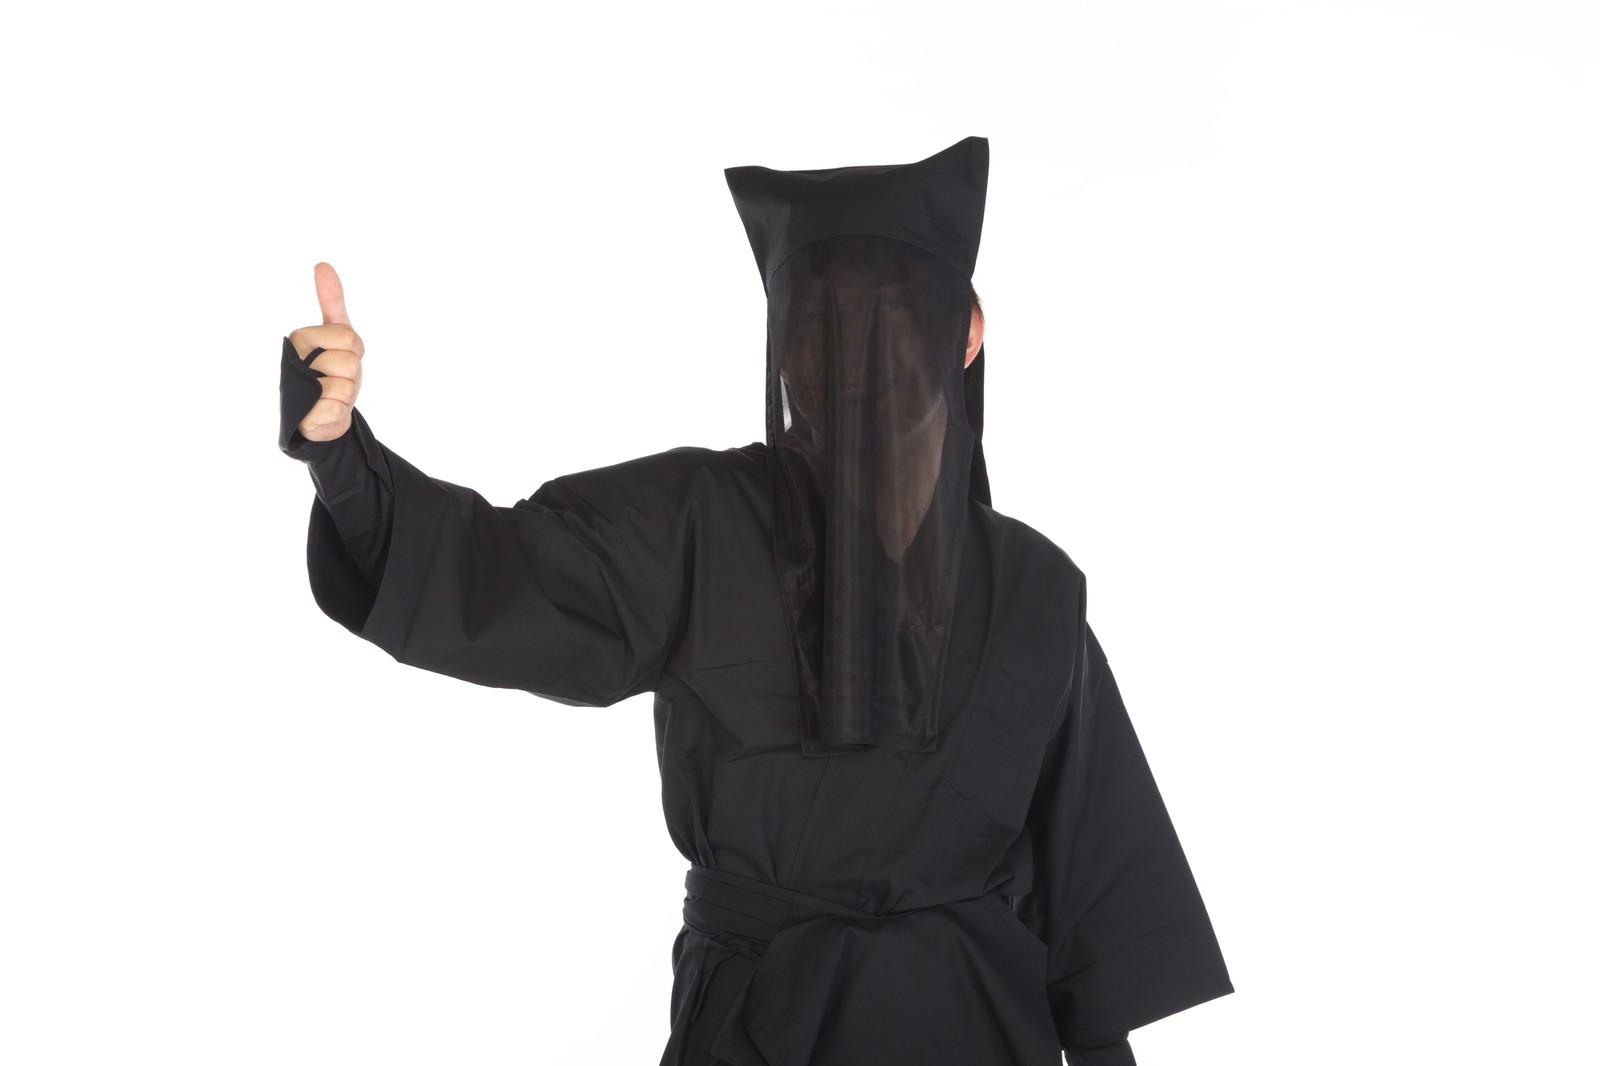 黒いポテリッチ 黒胡椒  発売 いつ どこ 画像